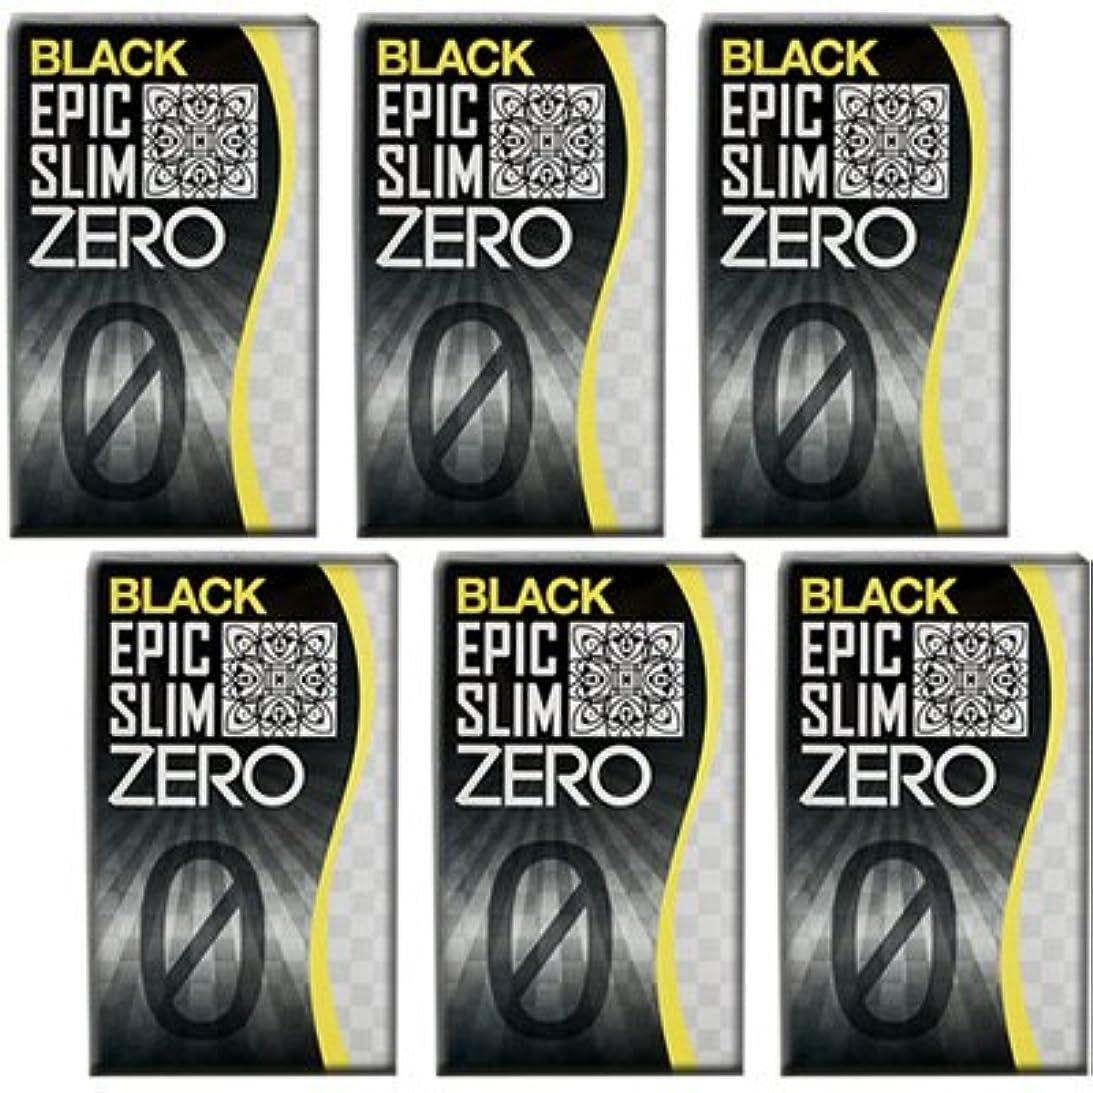 可動式にやにや注目すべきブラック エピックスリム ゼロ ブラック 6個セット!  Epic Slim ZERO BLACK ×6個